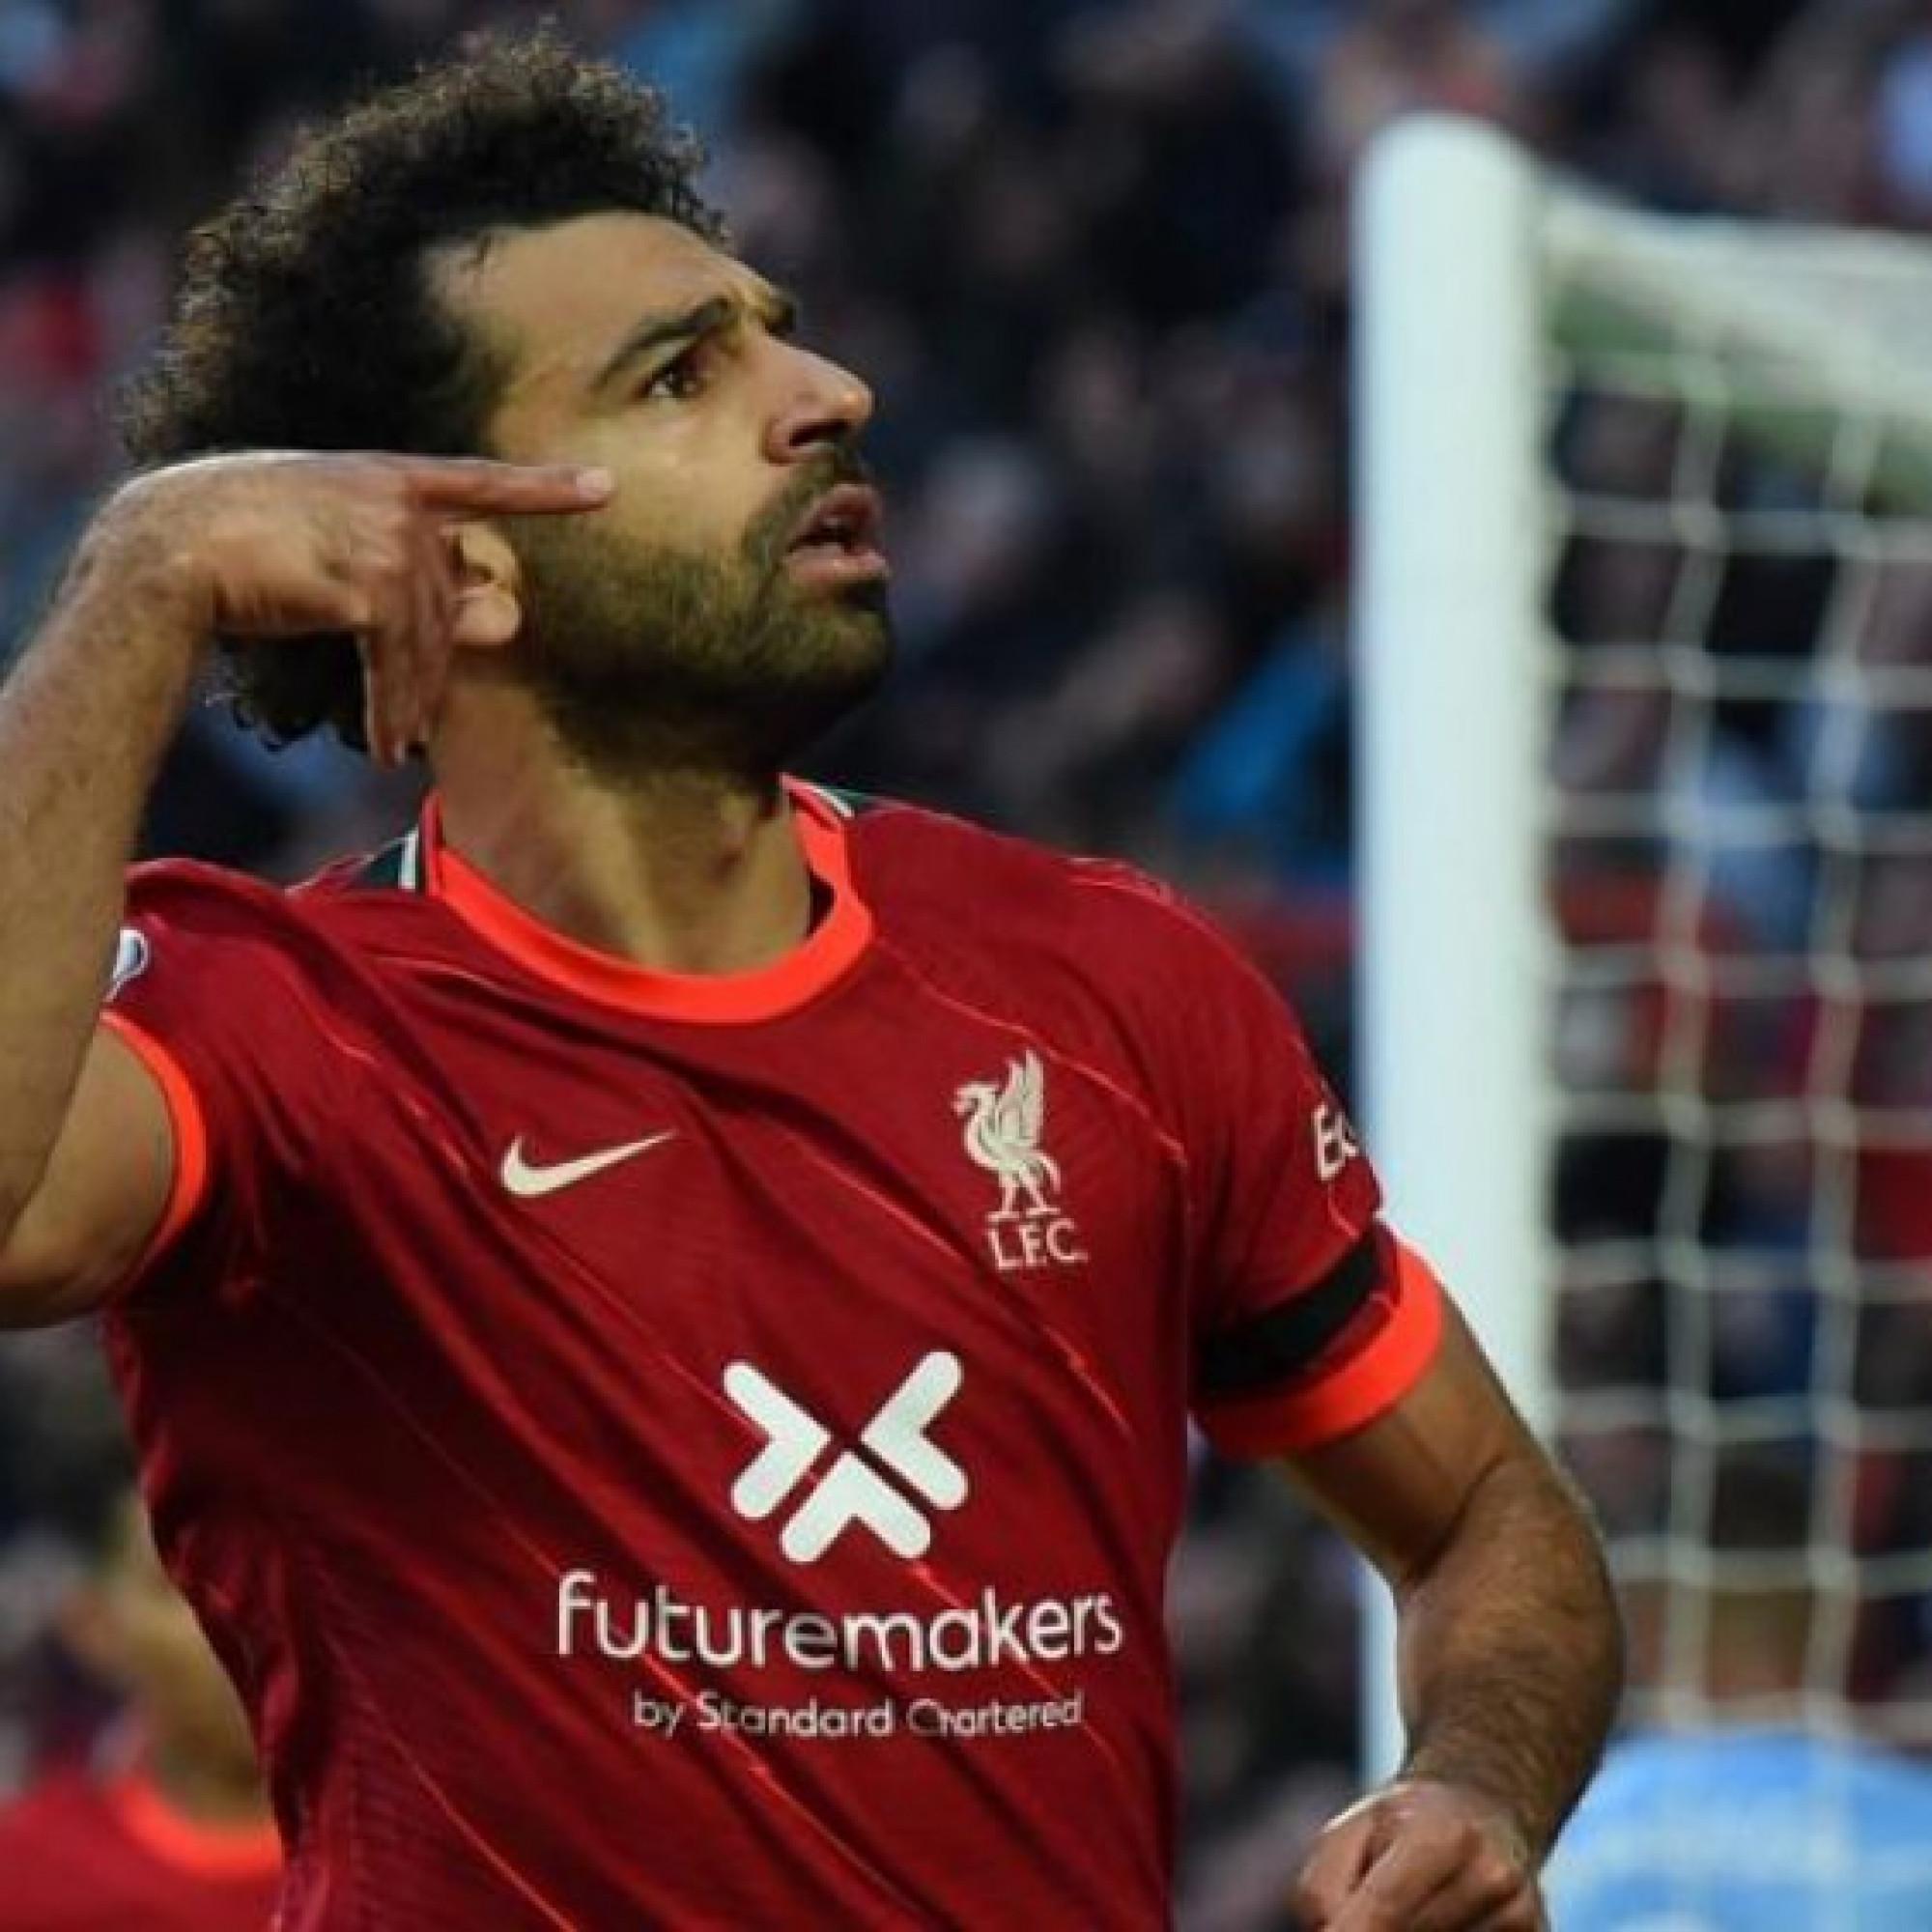 - Salah ghi bàn đẹp như Messi, đòi Liverpool trả lương 500.000 bảng/tuần